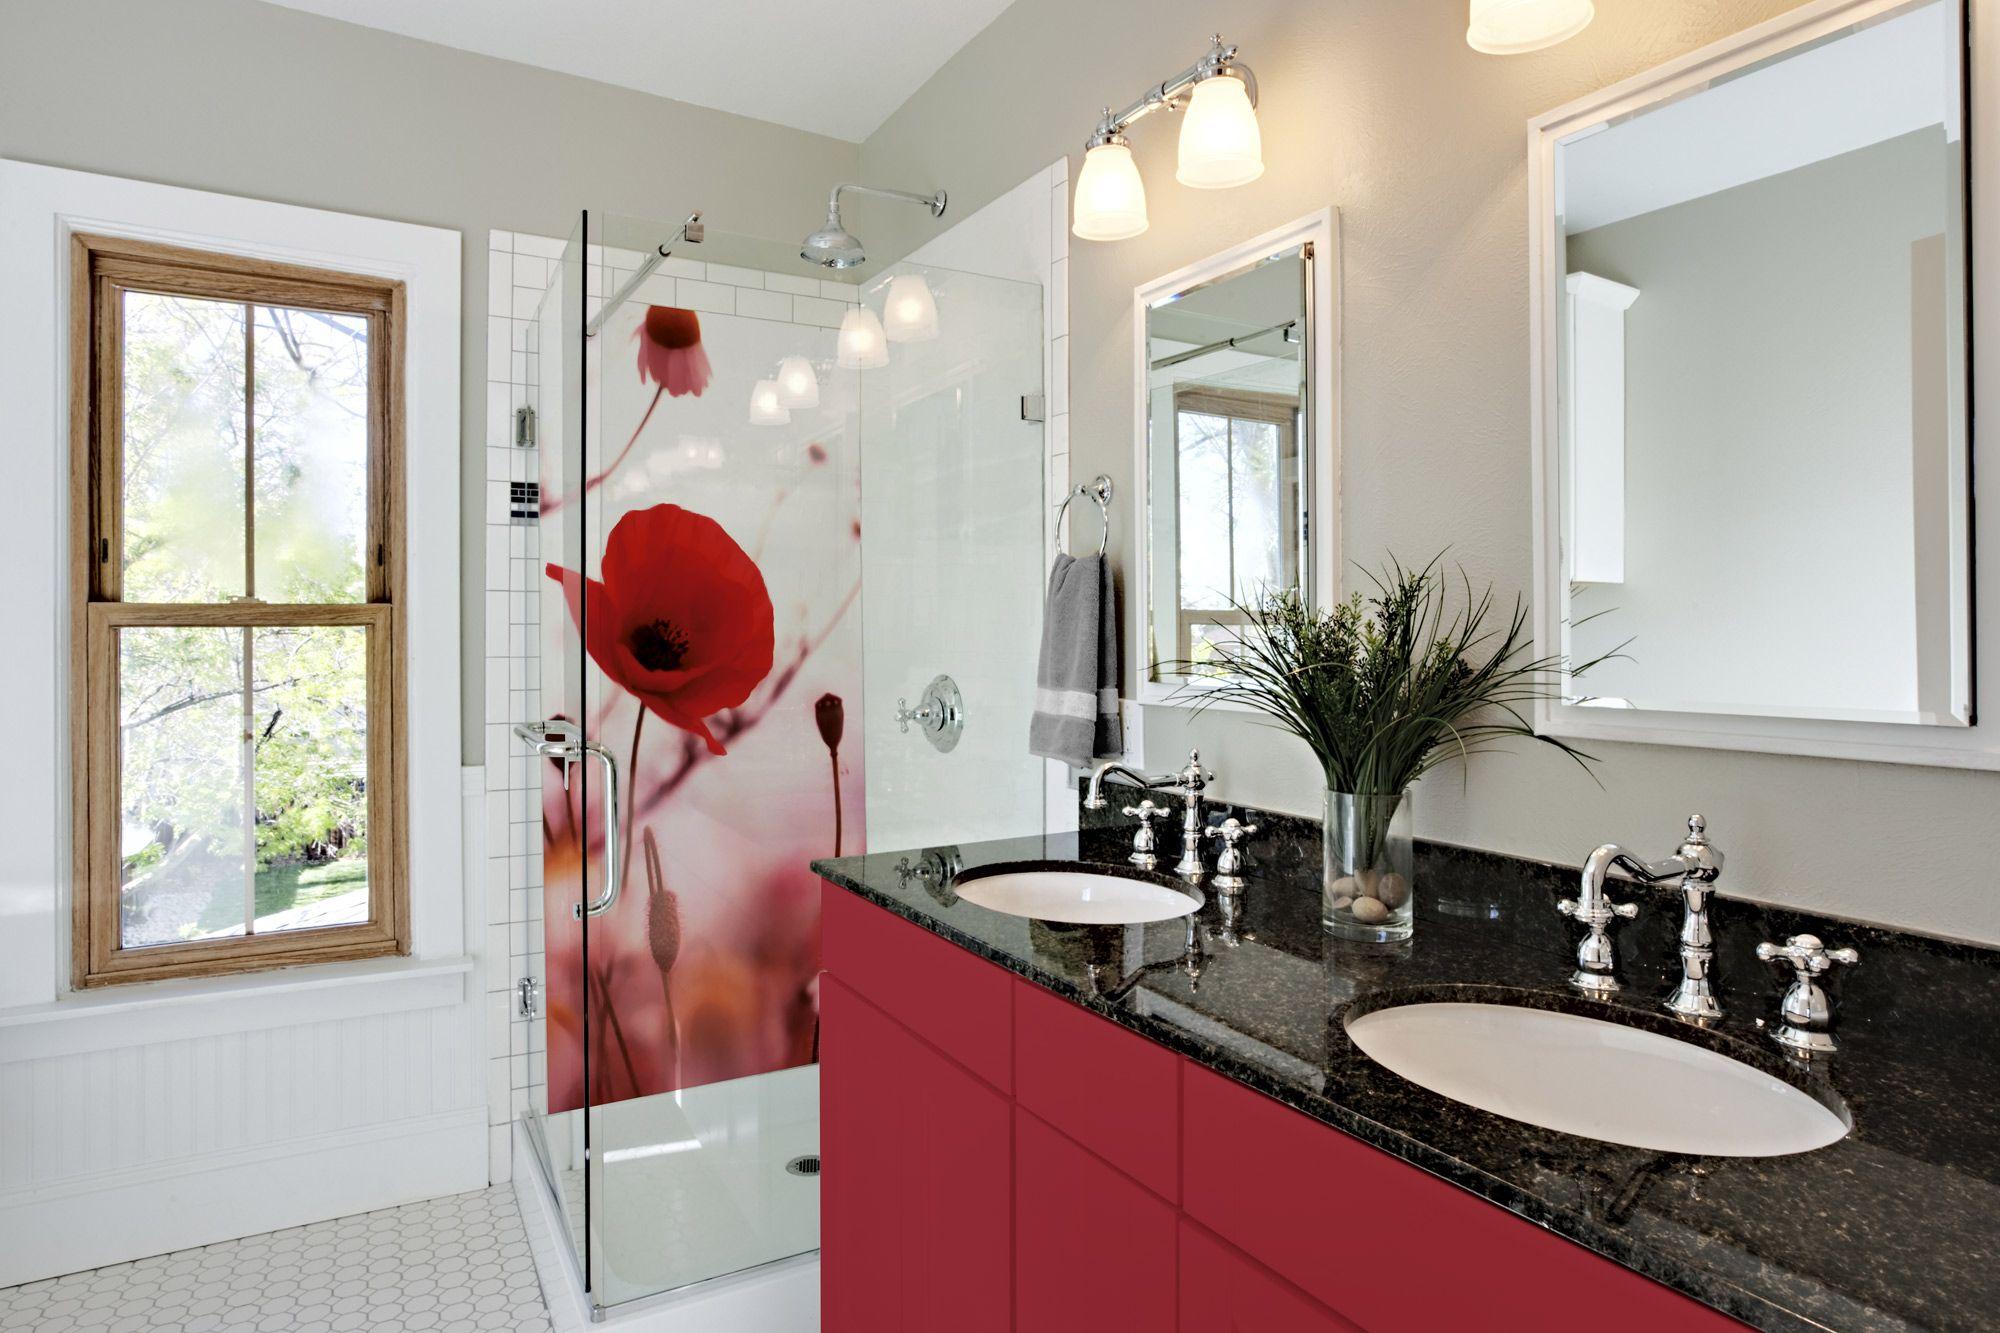 Panneau de douche impression rouge - Deco salle de bain rouge ...